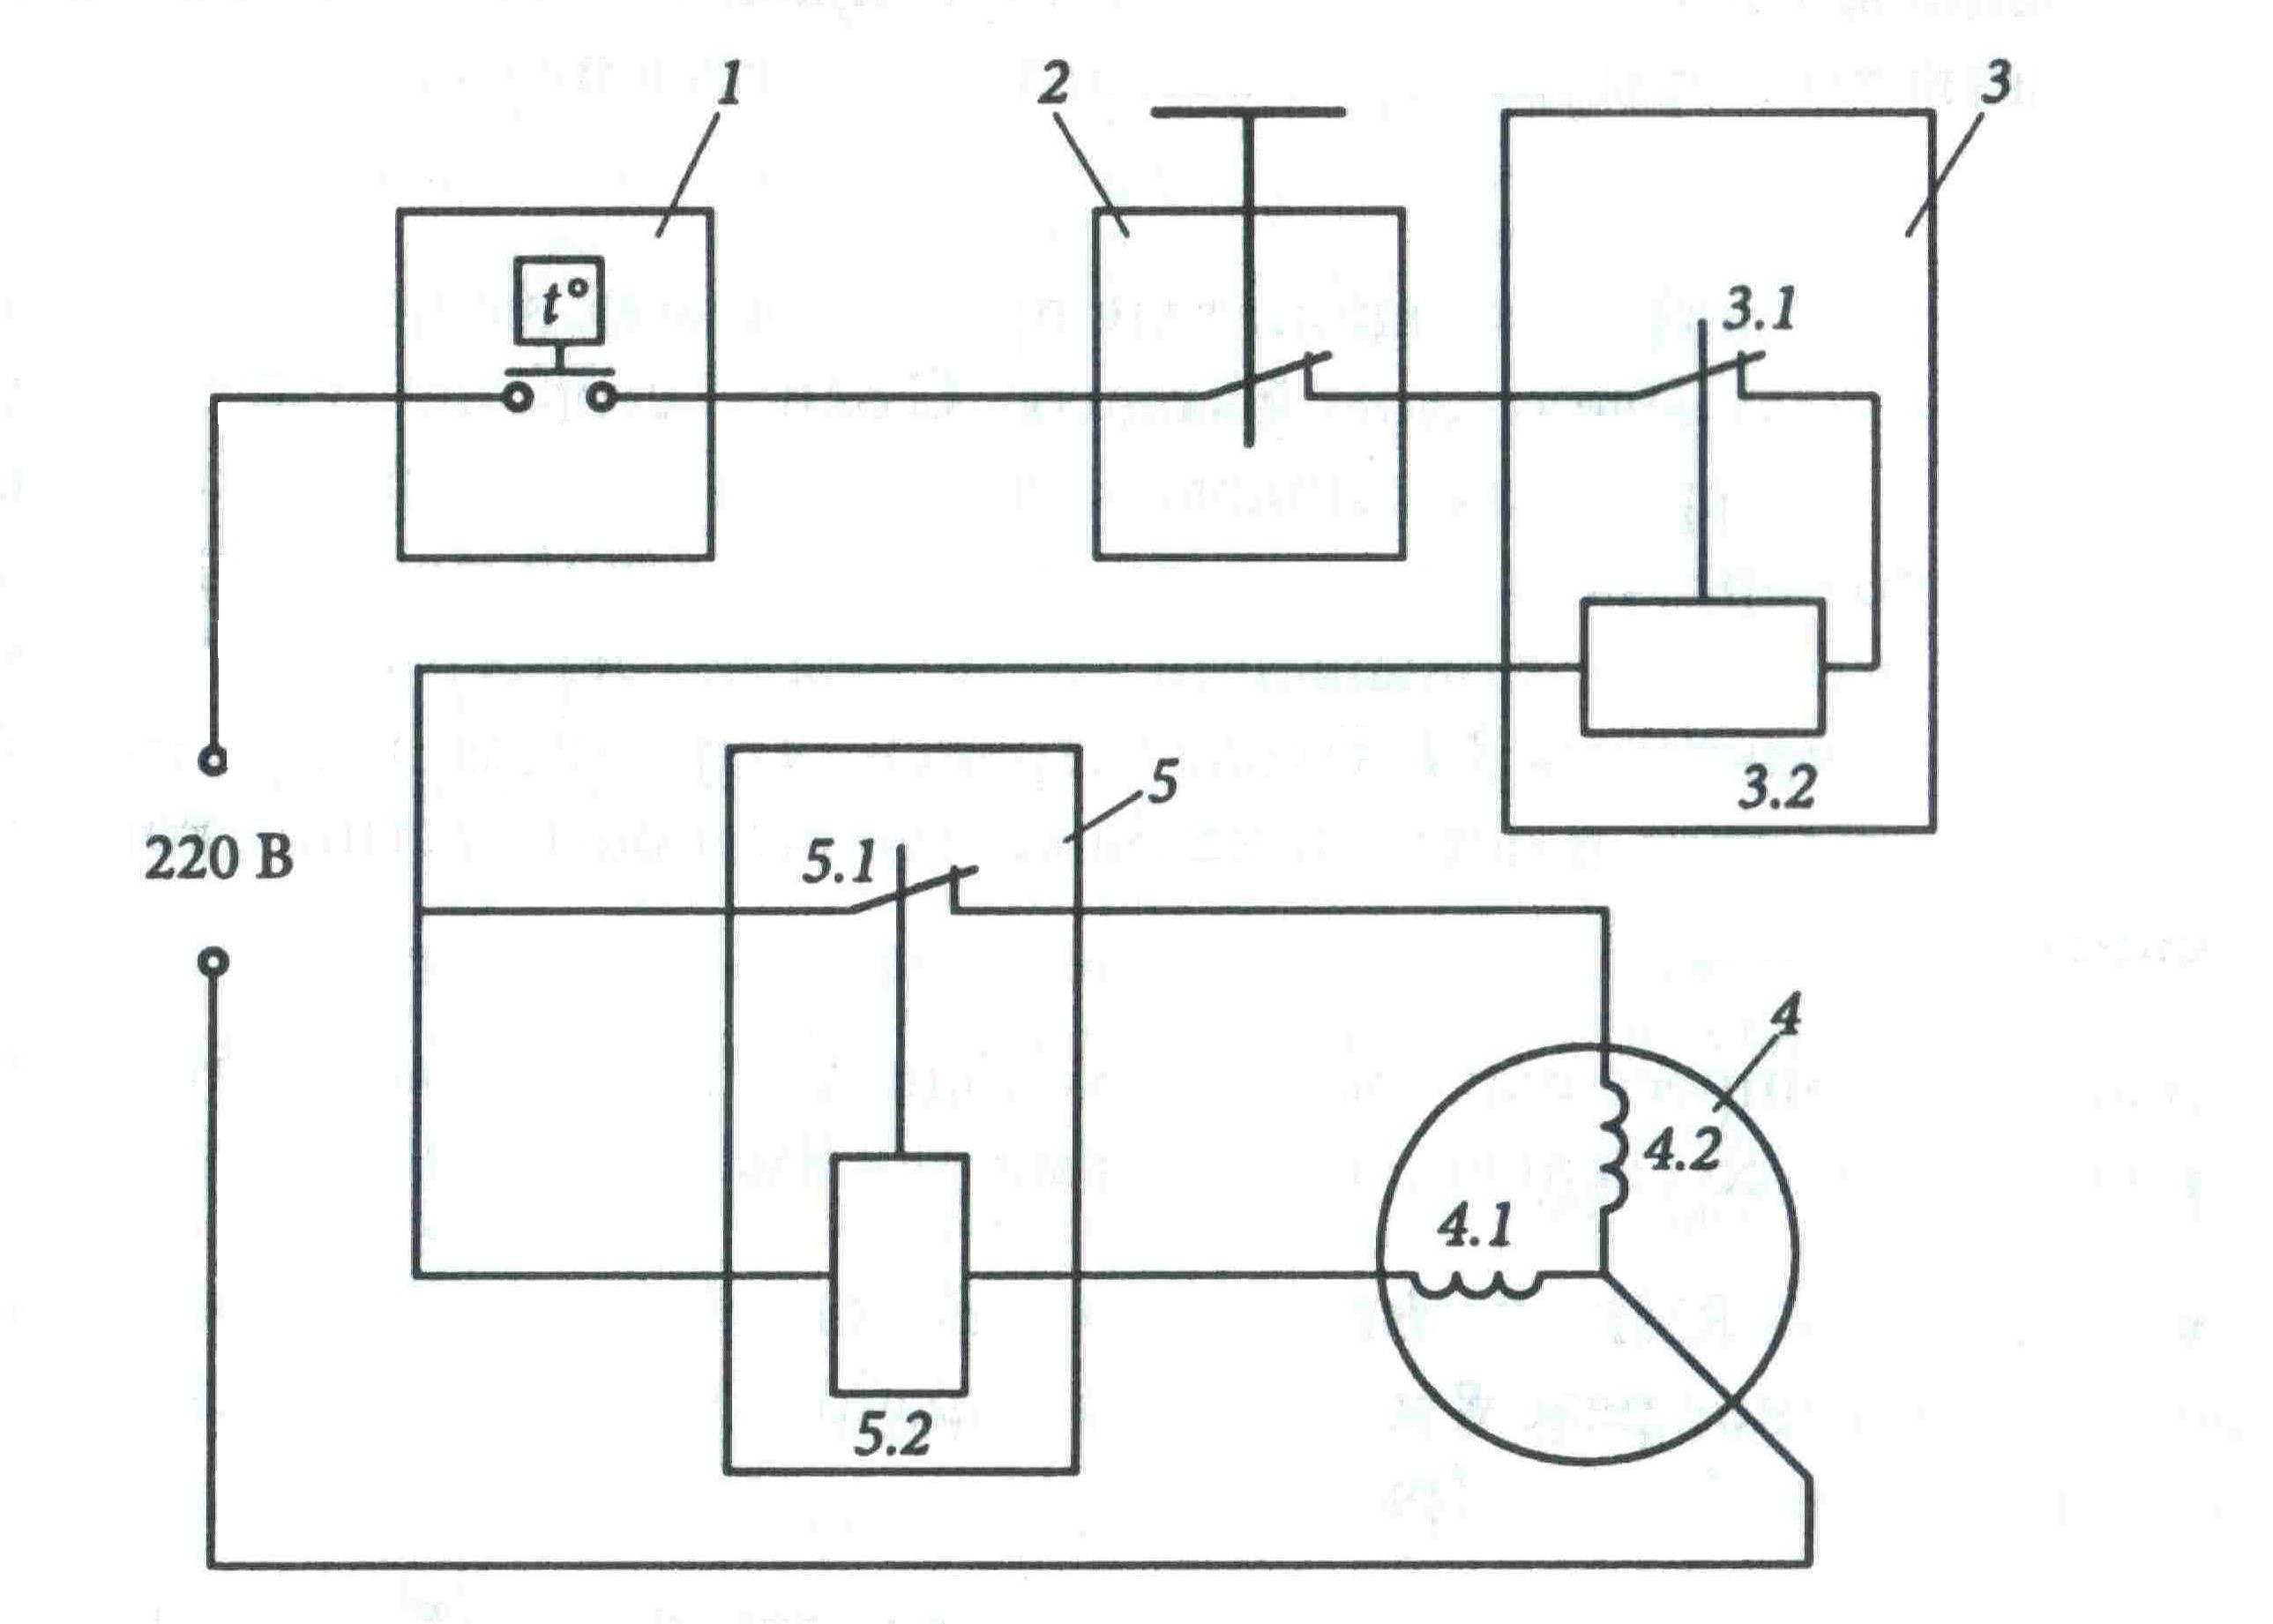 Электросхема холодильника: как взаимодействуют устройства для охлаждения и роль электроники в этом процессе